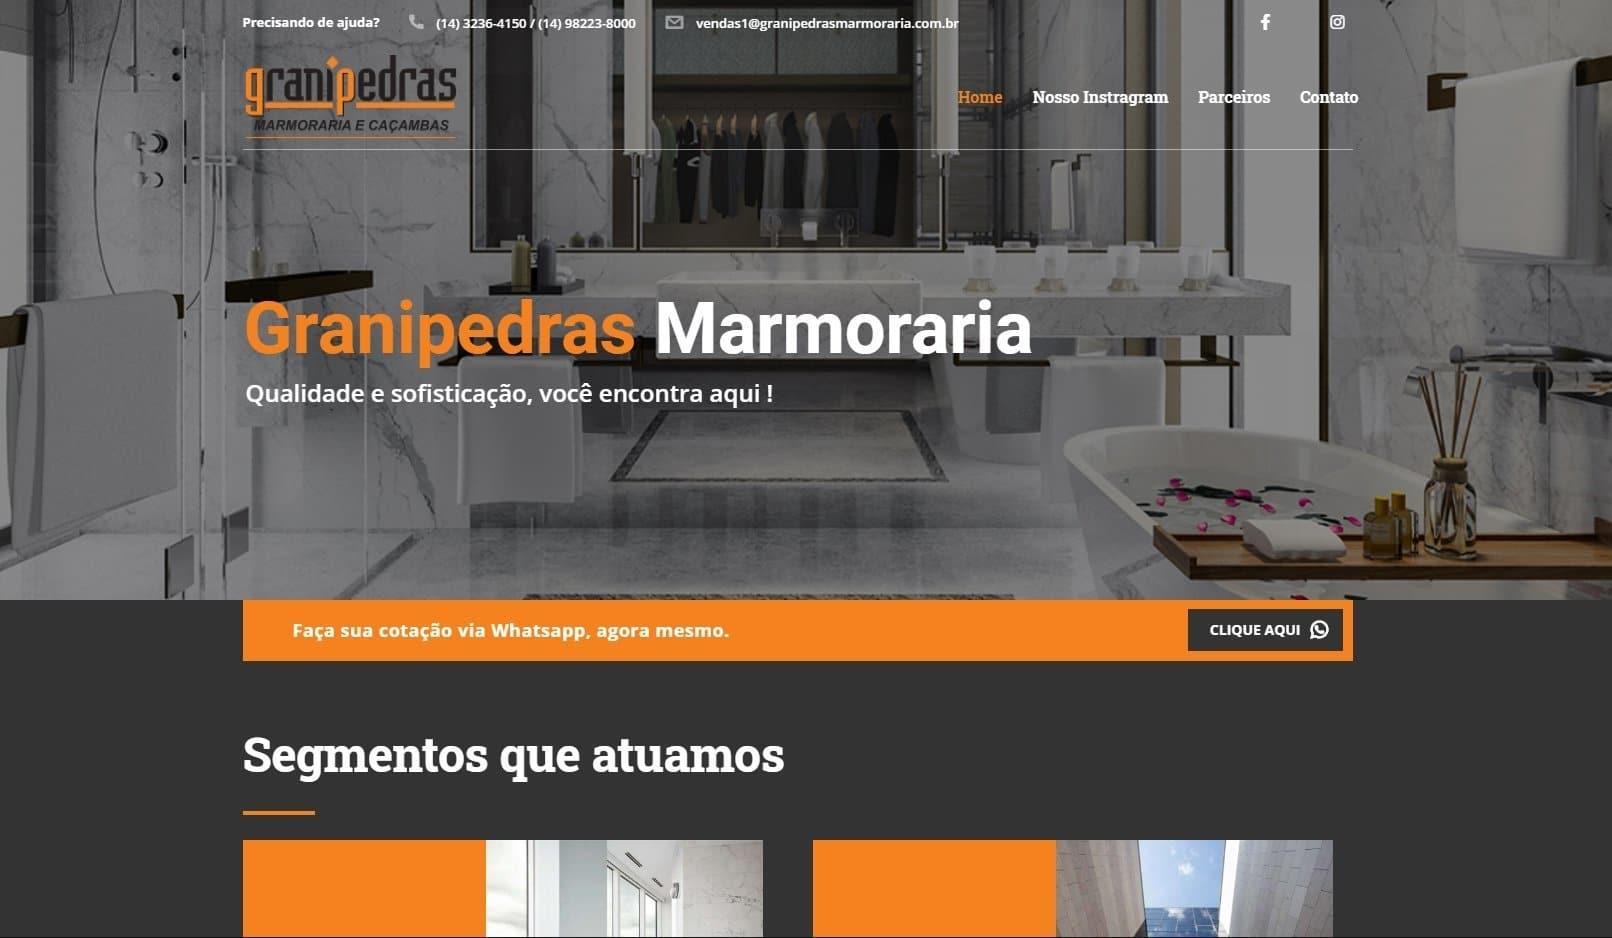 granipedras marmoraria